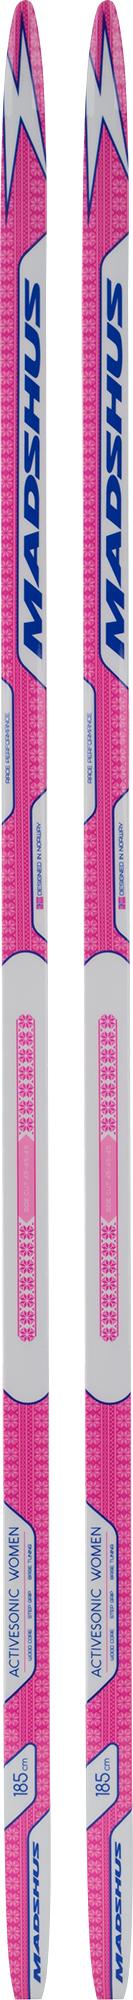 Madshus Беговые лыжи женские Madshus Activesonic лыжи беговые tisa top classic n90415